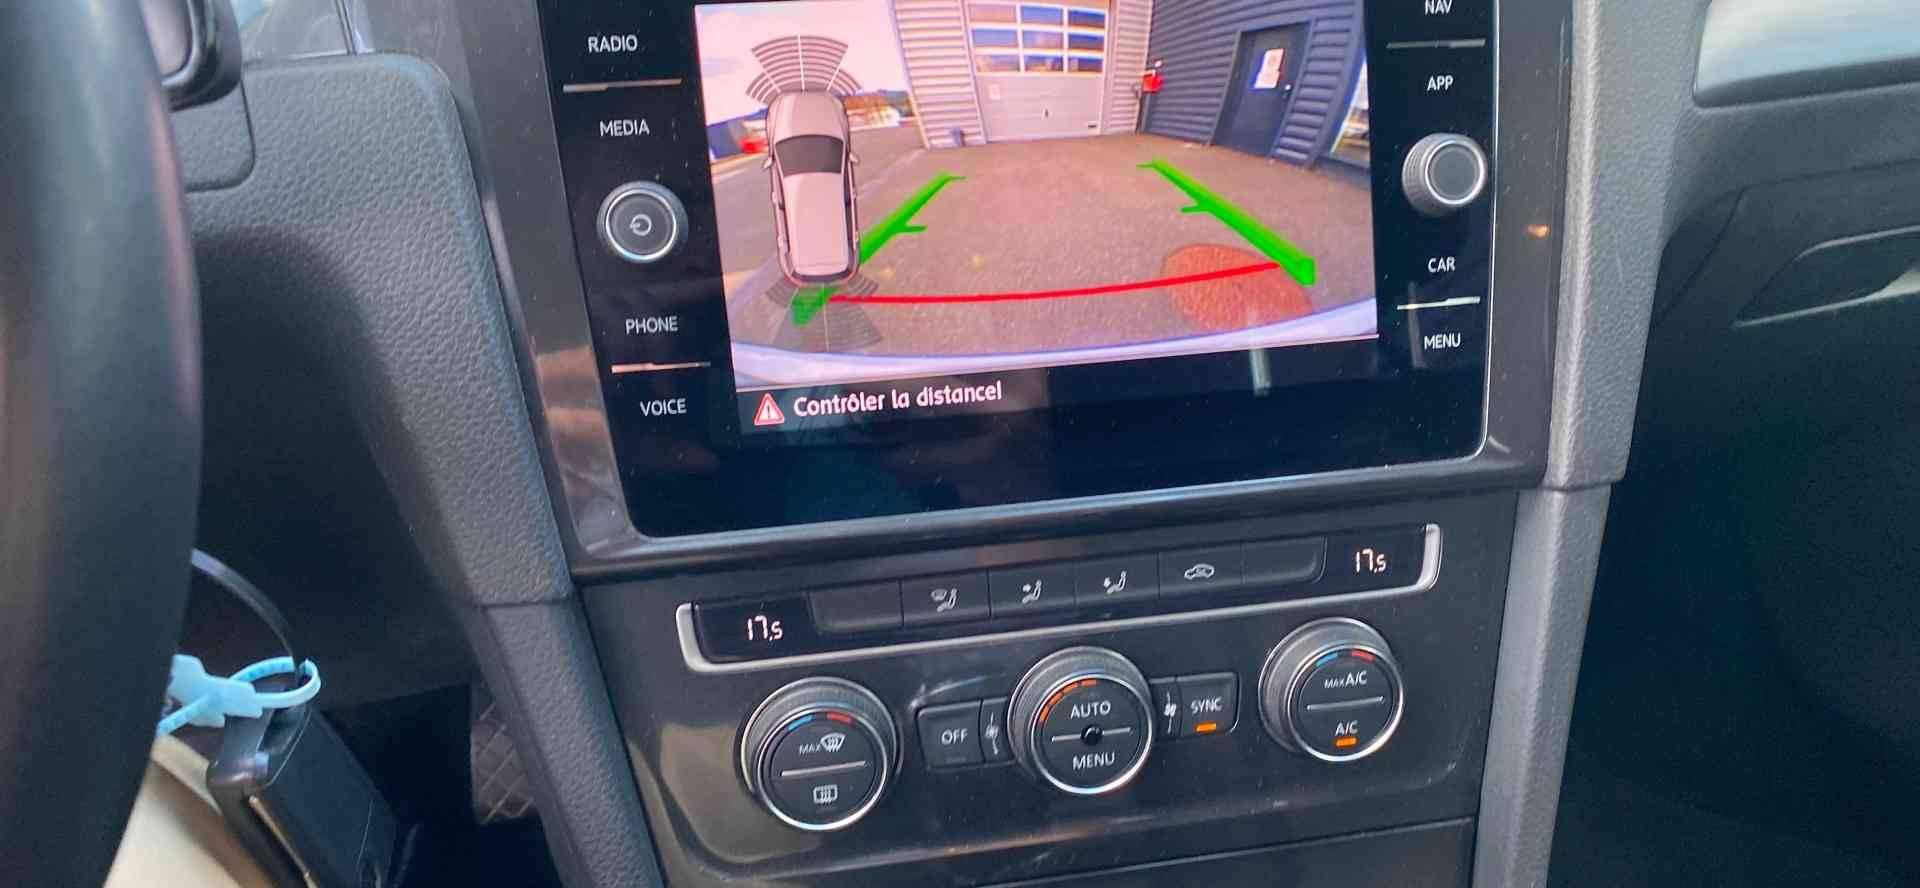 5 - Golf 1.4 TSI 125 BlueMotion Technology